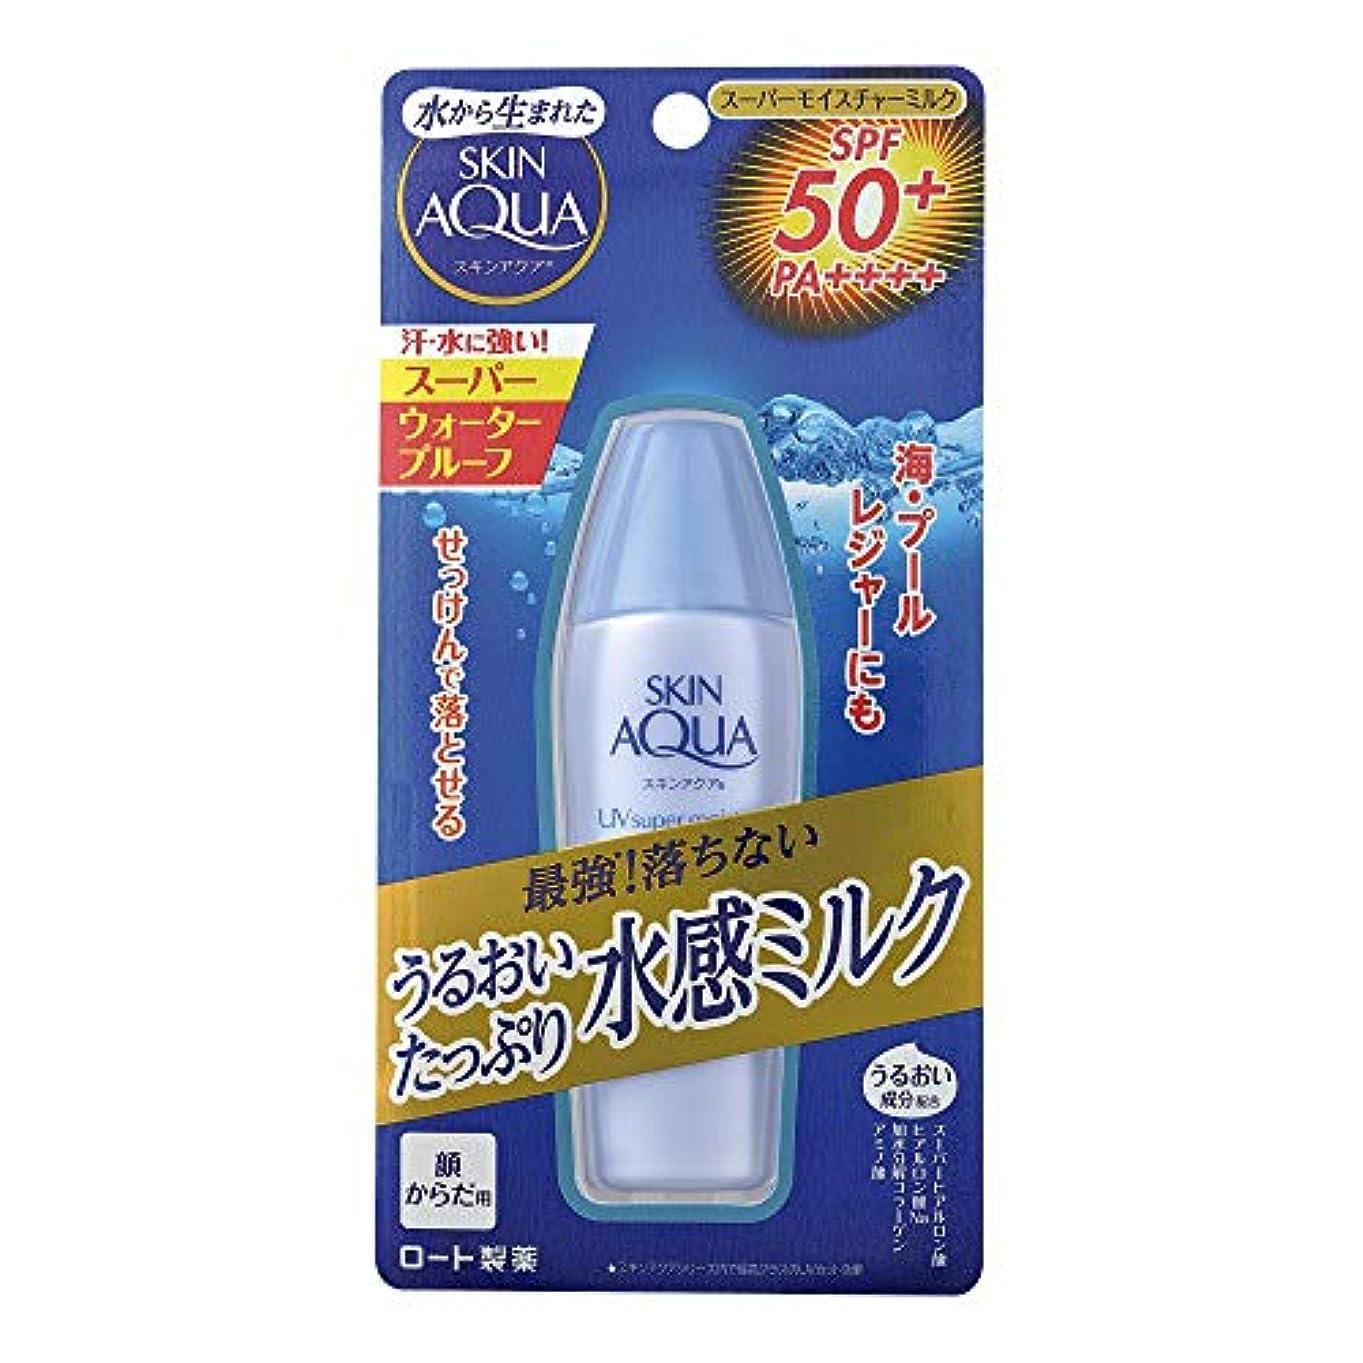 リマーク淡い許さないスキンアクア (SKIN AQUA) 日焼け止め スーパーモイスチャーミルク 潤い成分4種配合 水感ミルク (SPF50 PA++++) 40mL ※スーパーウォータープルーフ